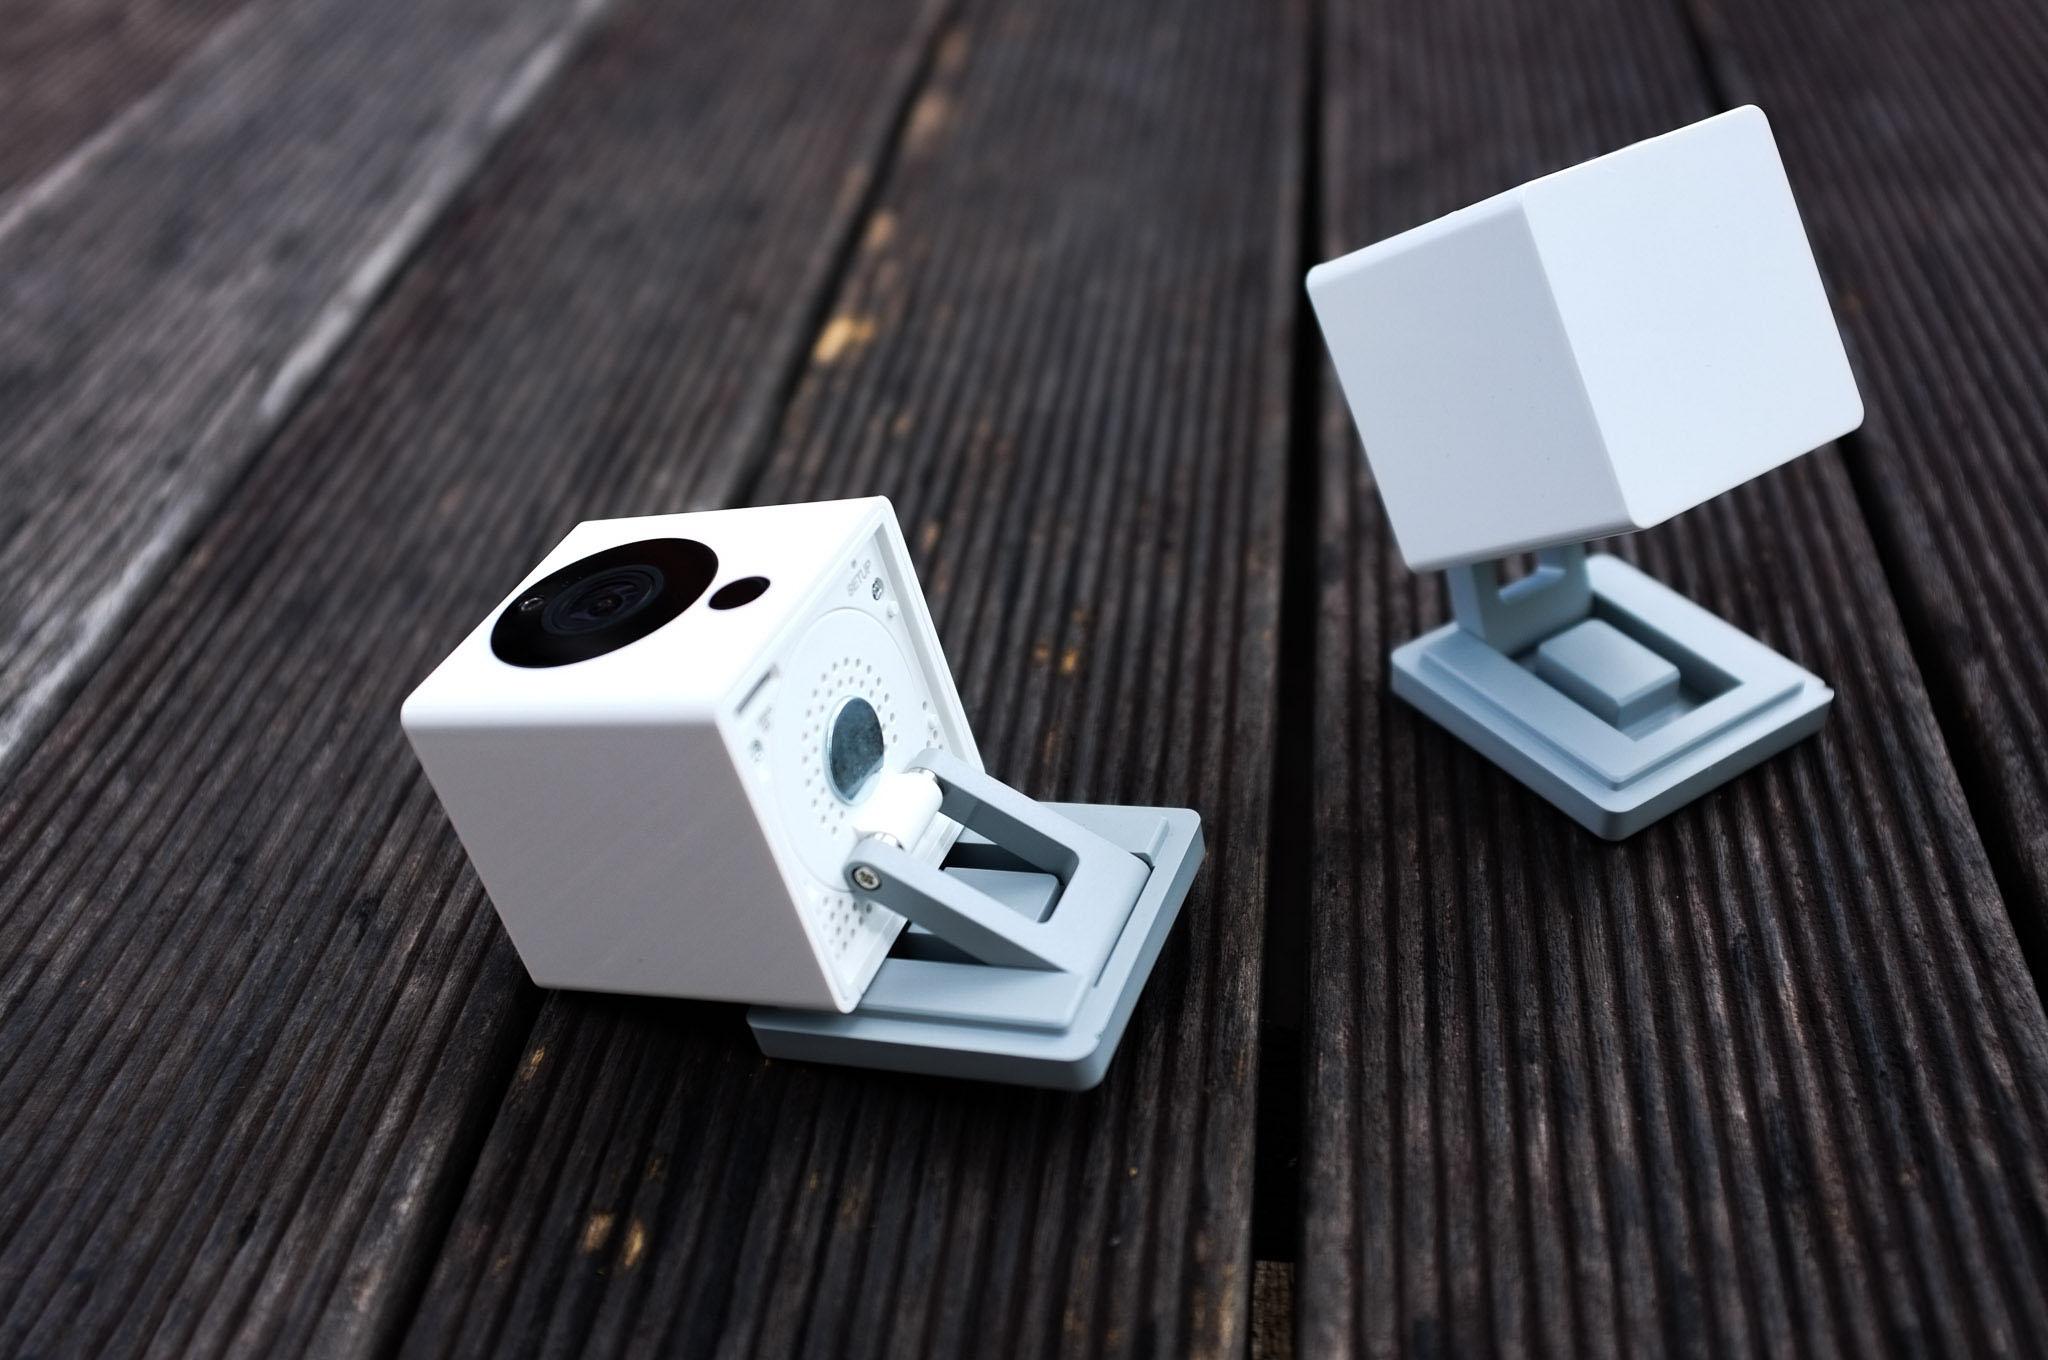 4005616_Tinhte-xiaomi-mini-square-camera-9.jpg